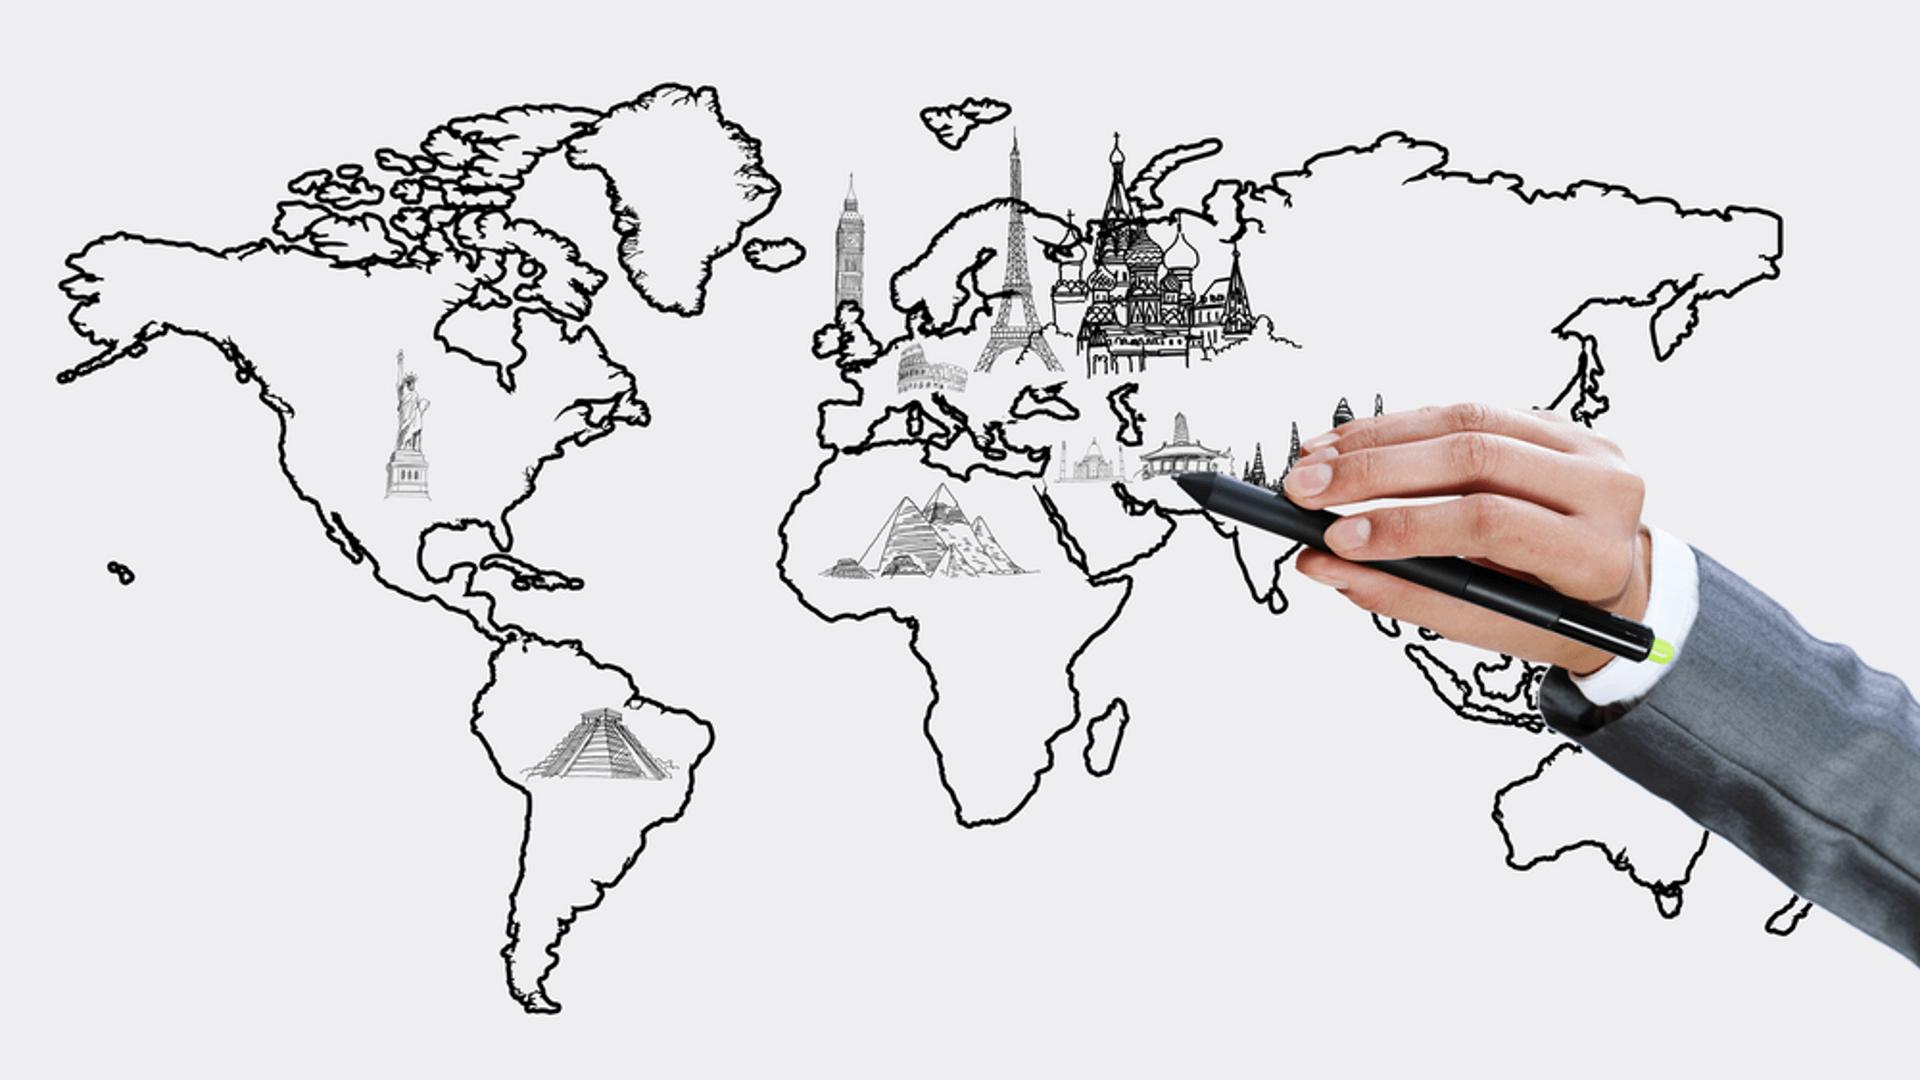 Karbič geodezija zemljevid